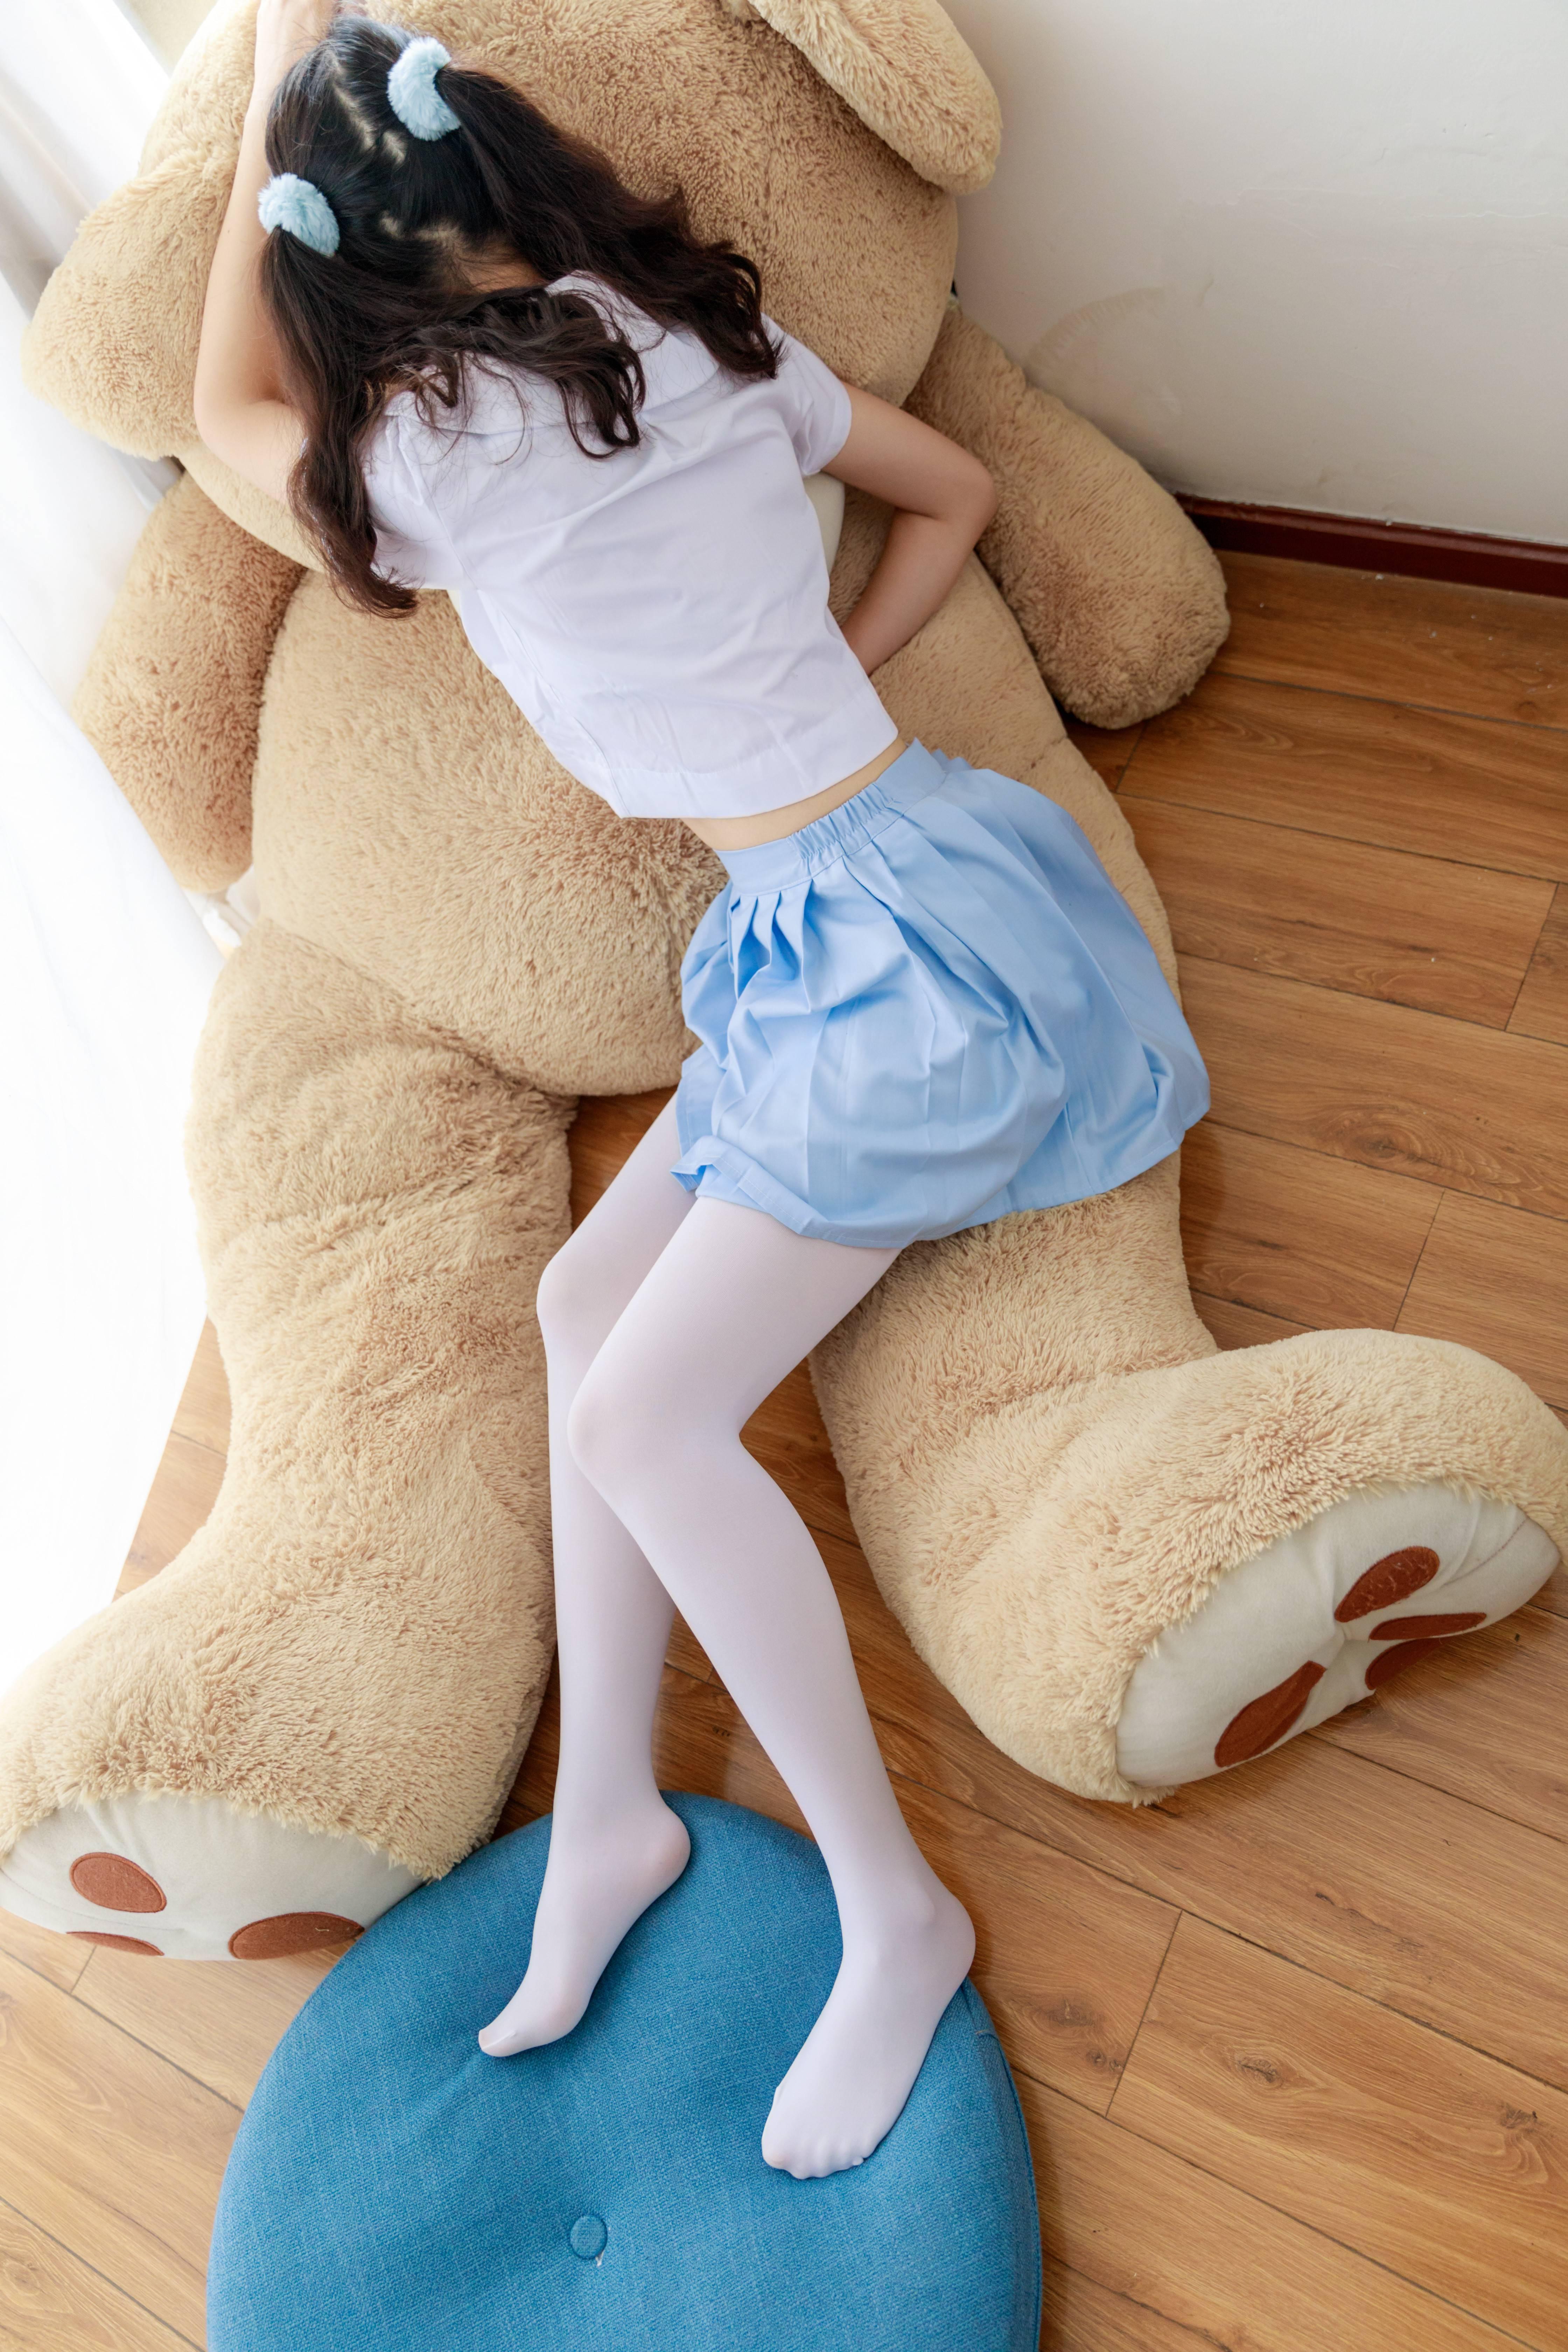 喵写真 PR15 007 无水印(一枚毫无瑕疵的妹子~~天蓝短裙亮眼)